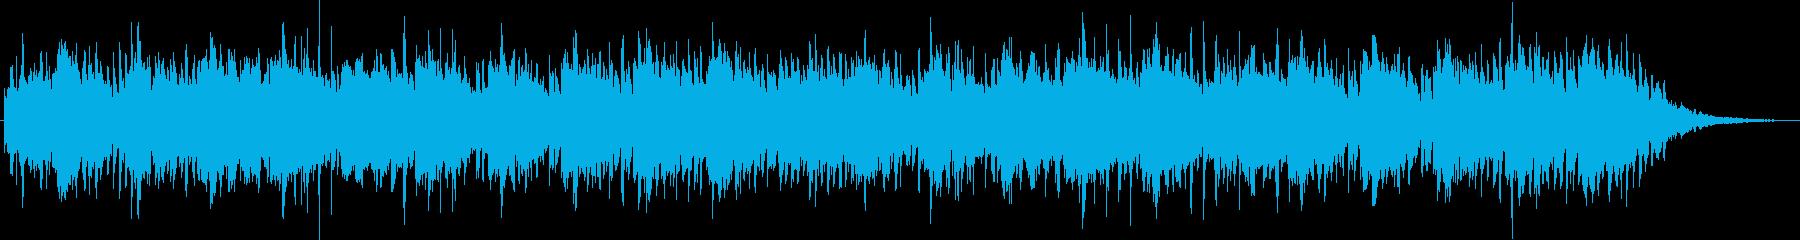 神秘的な雰囲気のヒーリング音楽の再生済みの波形